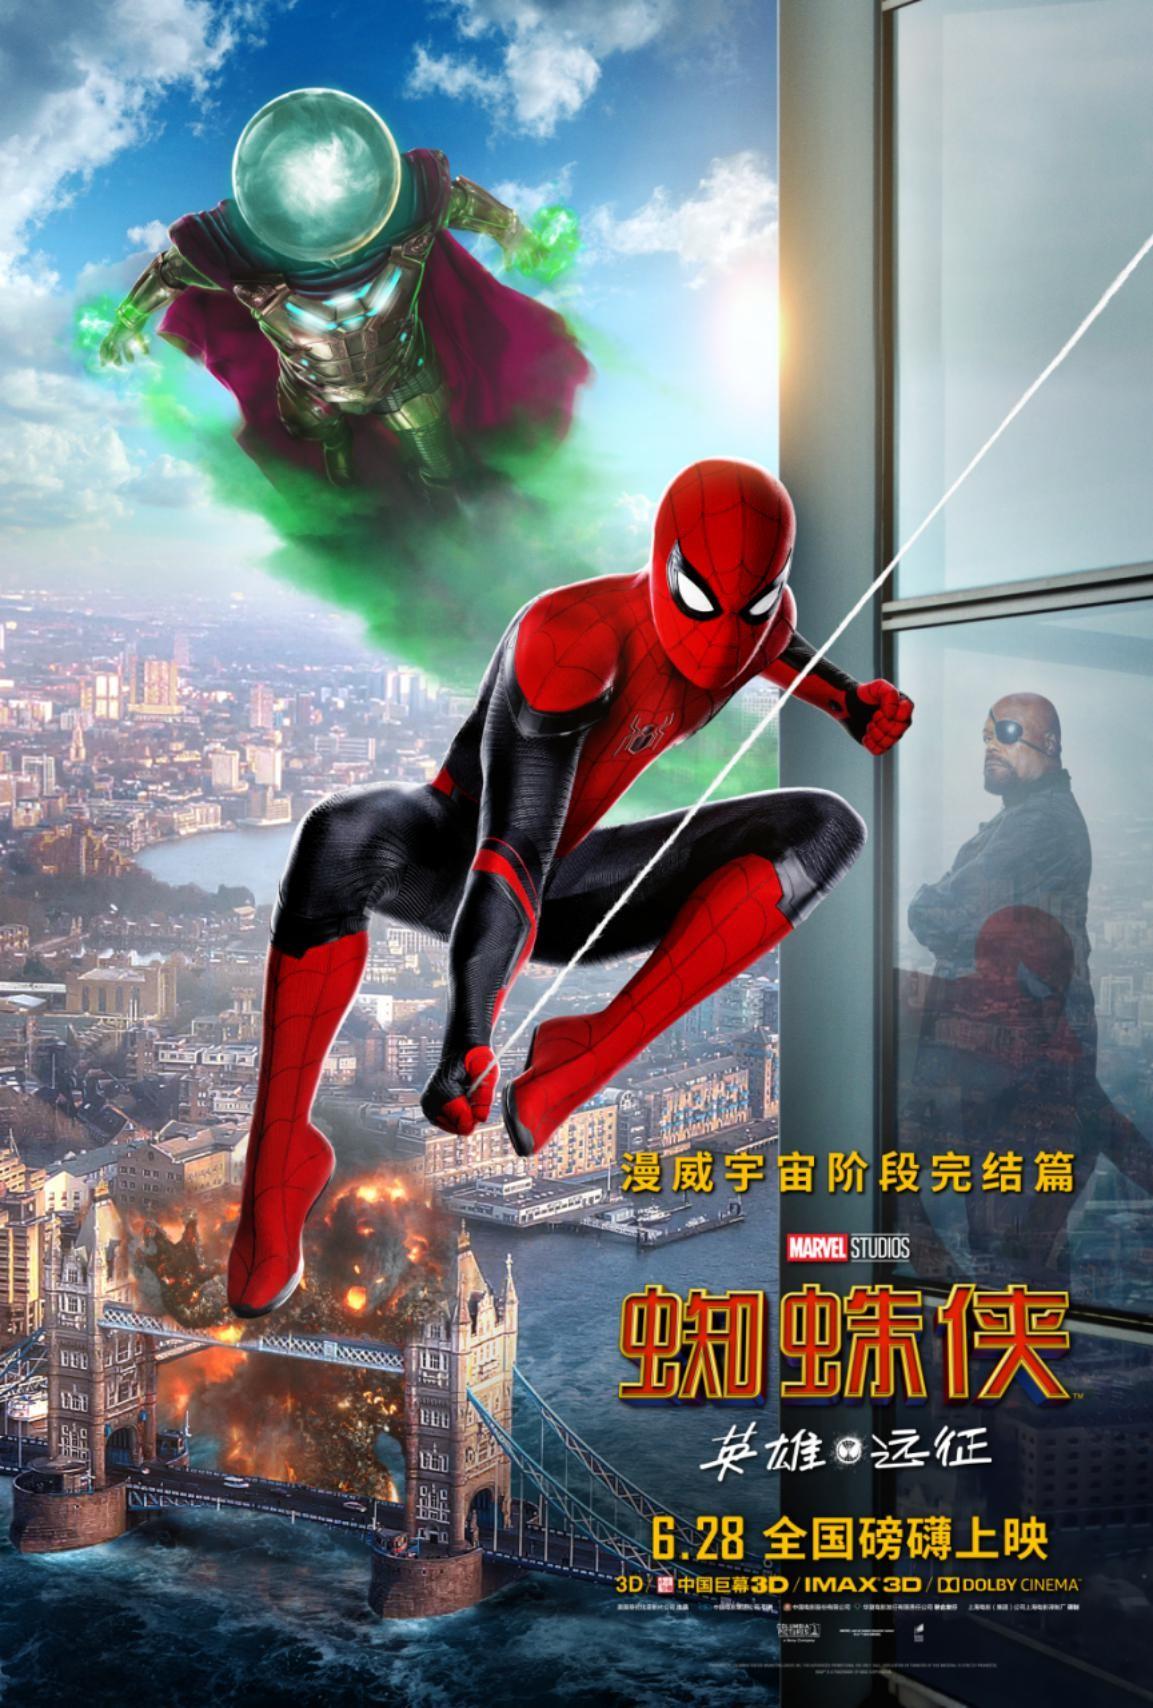 《蜘蛛侠:英豪远征》火爆热映强势来袭 更多索尼大片尽在优酷电影